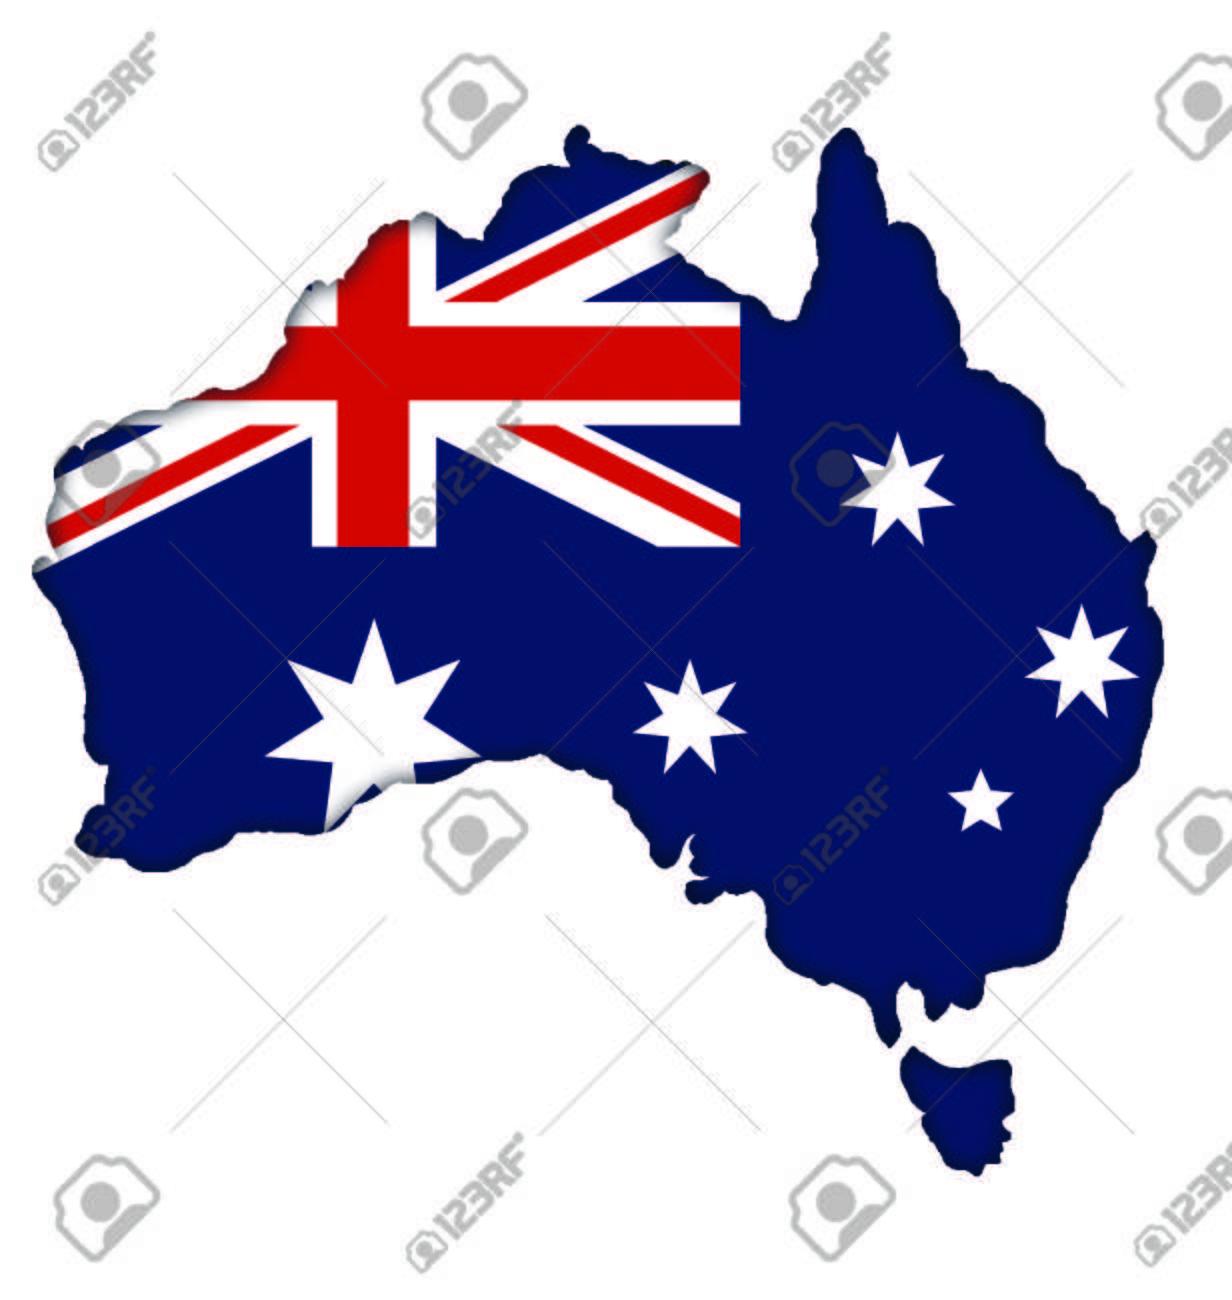 Carte Australie Drapeau.Australian Carte Drapeau Banniere Icone De L Australie